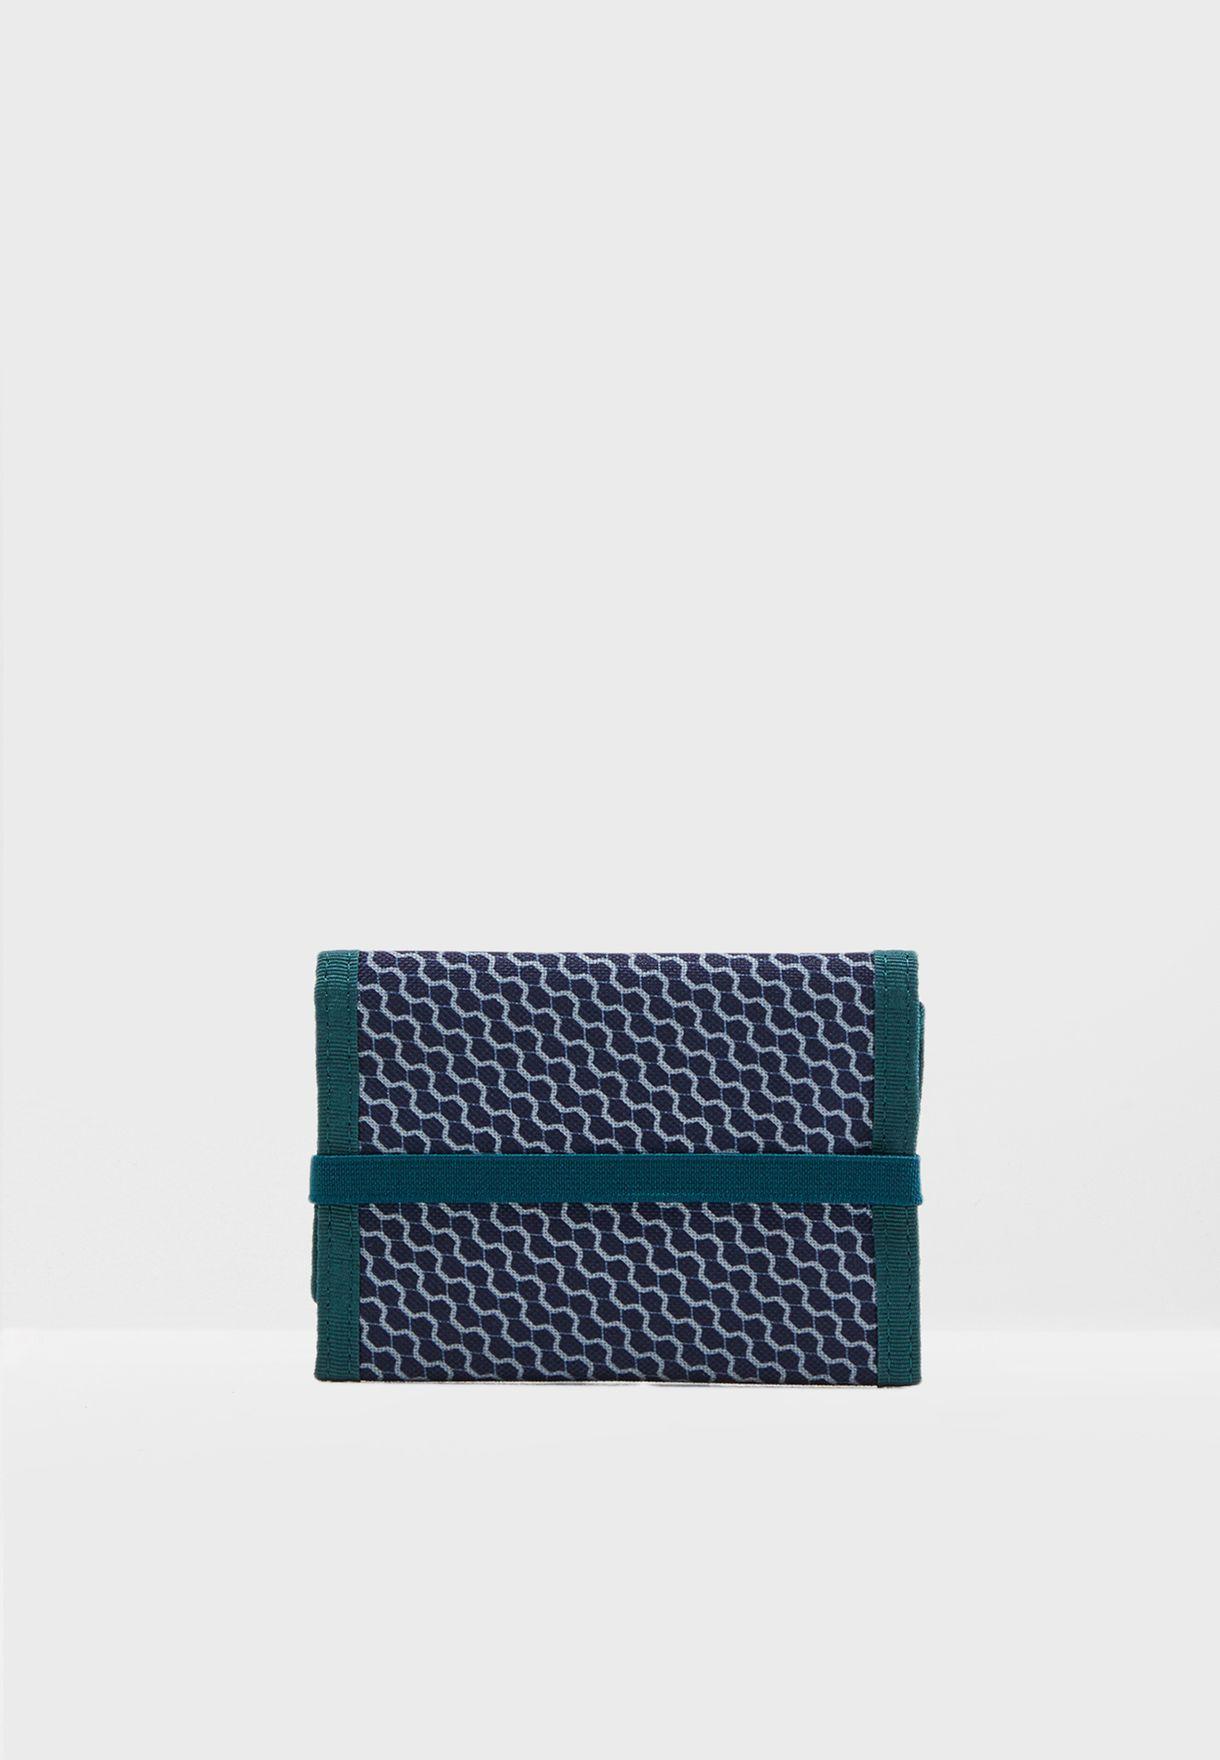 محفظة كاجوال بشعار الماركة